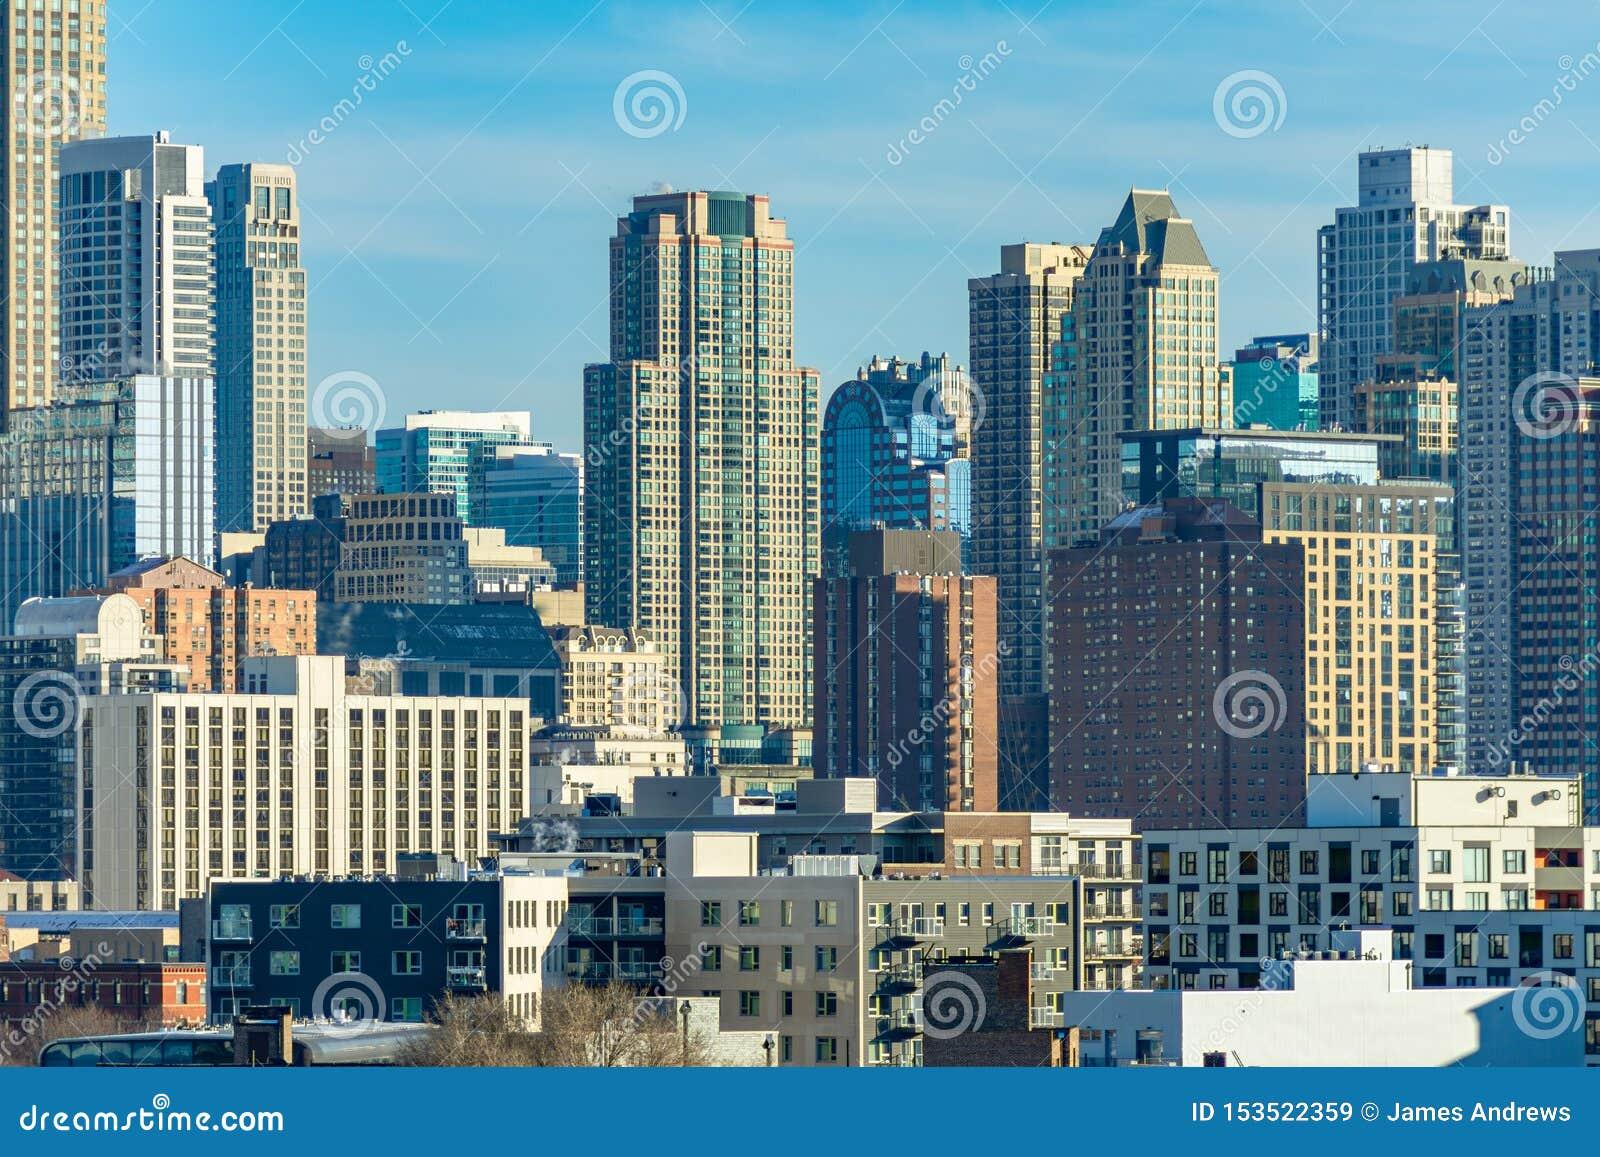 Chicago-Skyline-Szene mit Gebäuden im Fluss-Norden